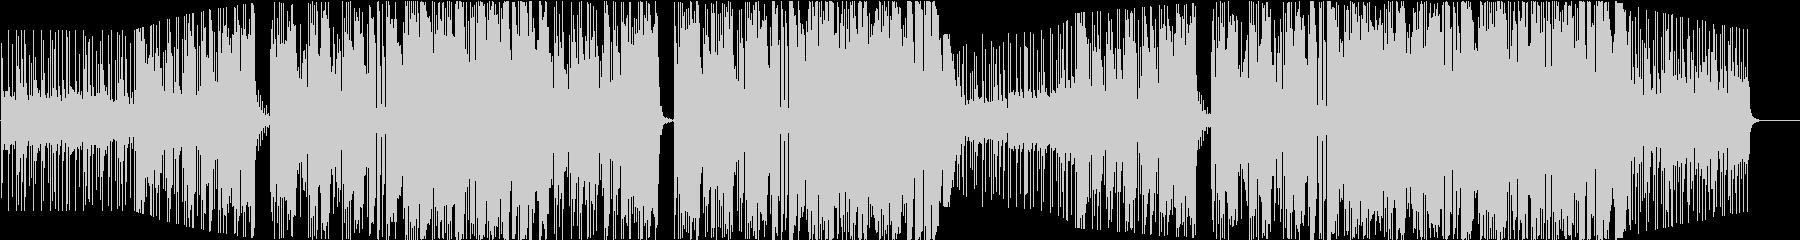 EDM系マシュメロ風スタイリッシュな曲6の未再生の波形